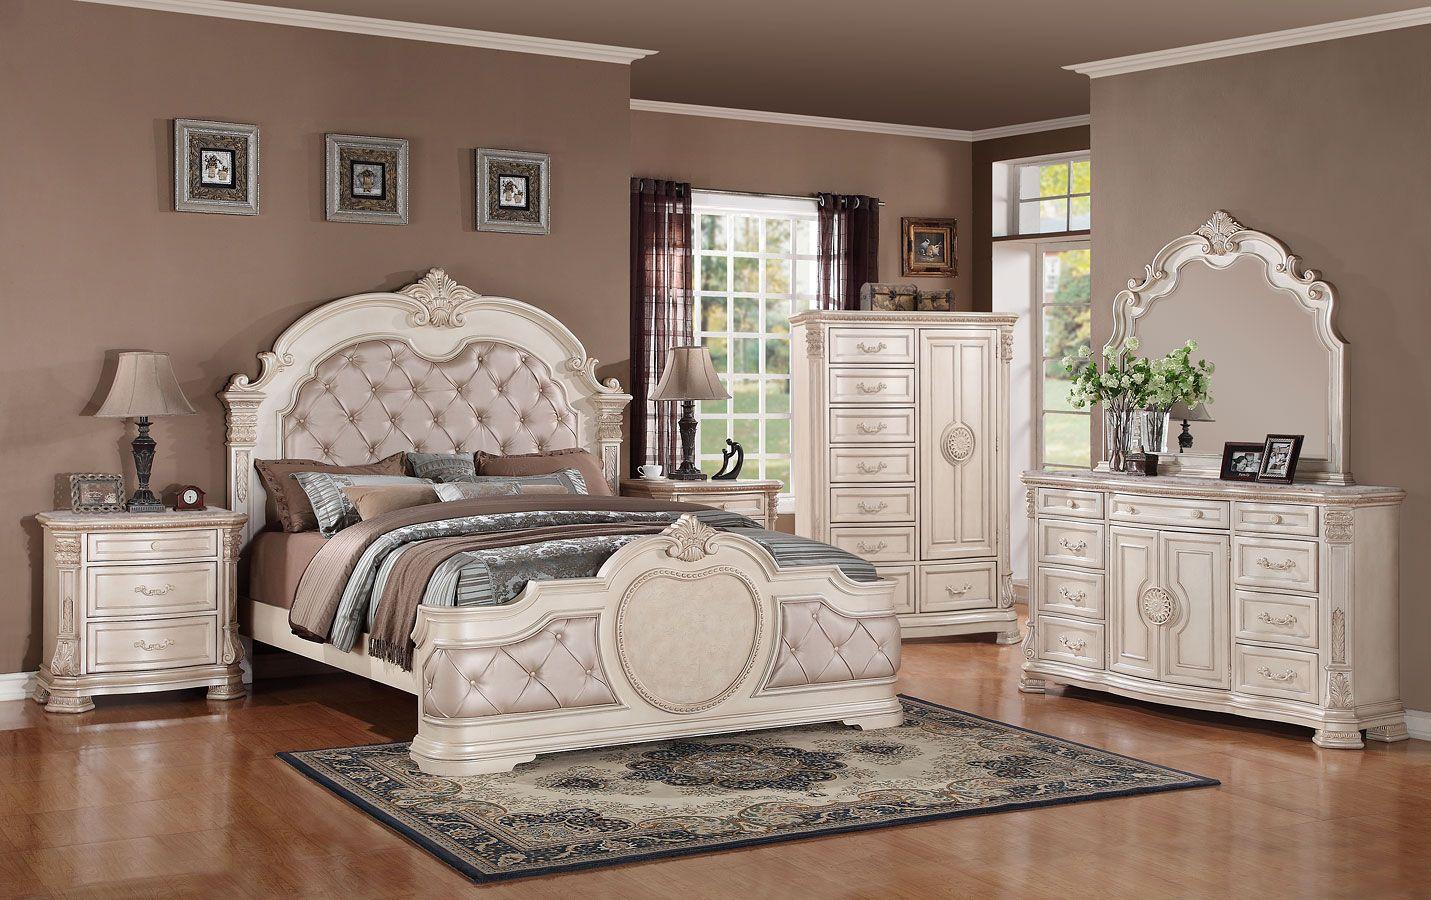 Infinity Panel Bedroom Set Antique White Luxury Bedroom Sets Antique Bedroom Set Vintage Bedroom Furniture Antique white bedroom sets